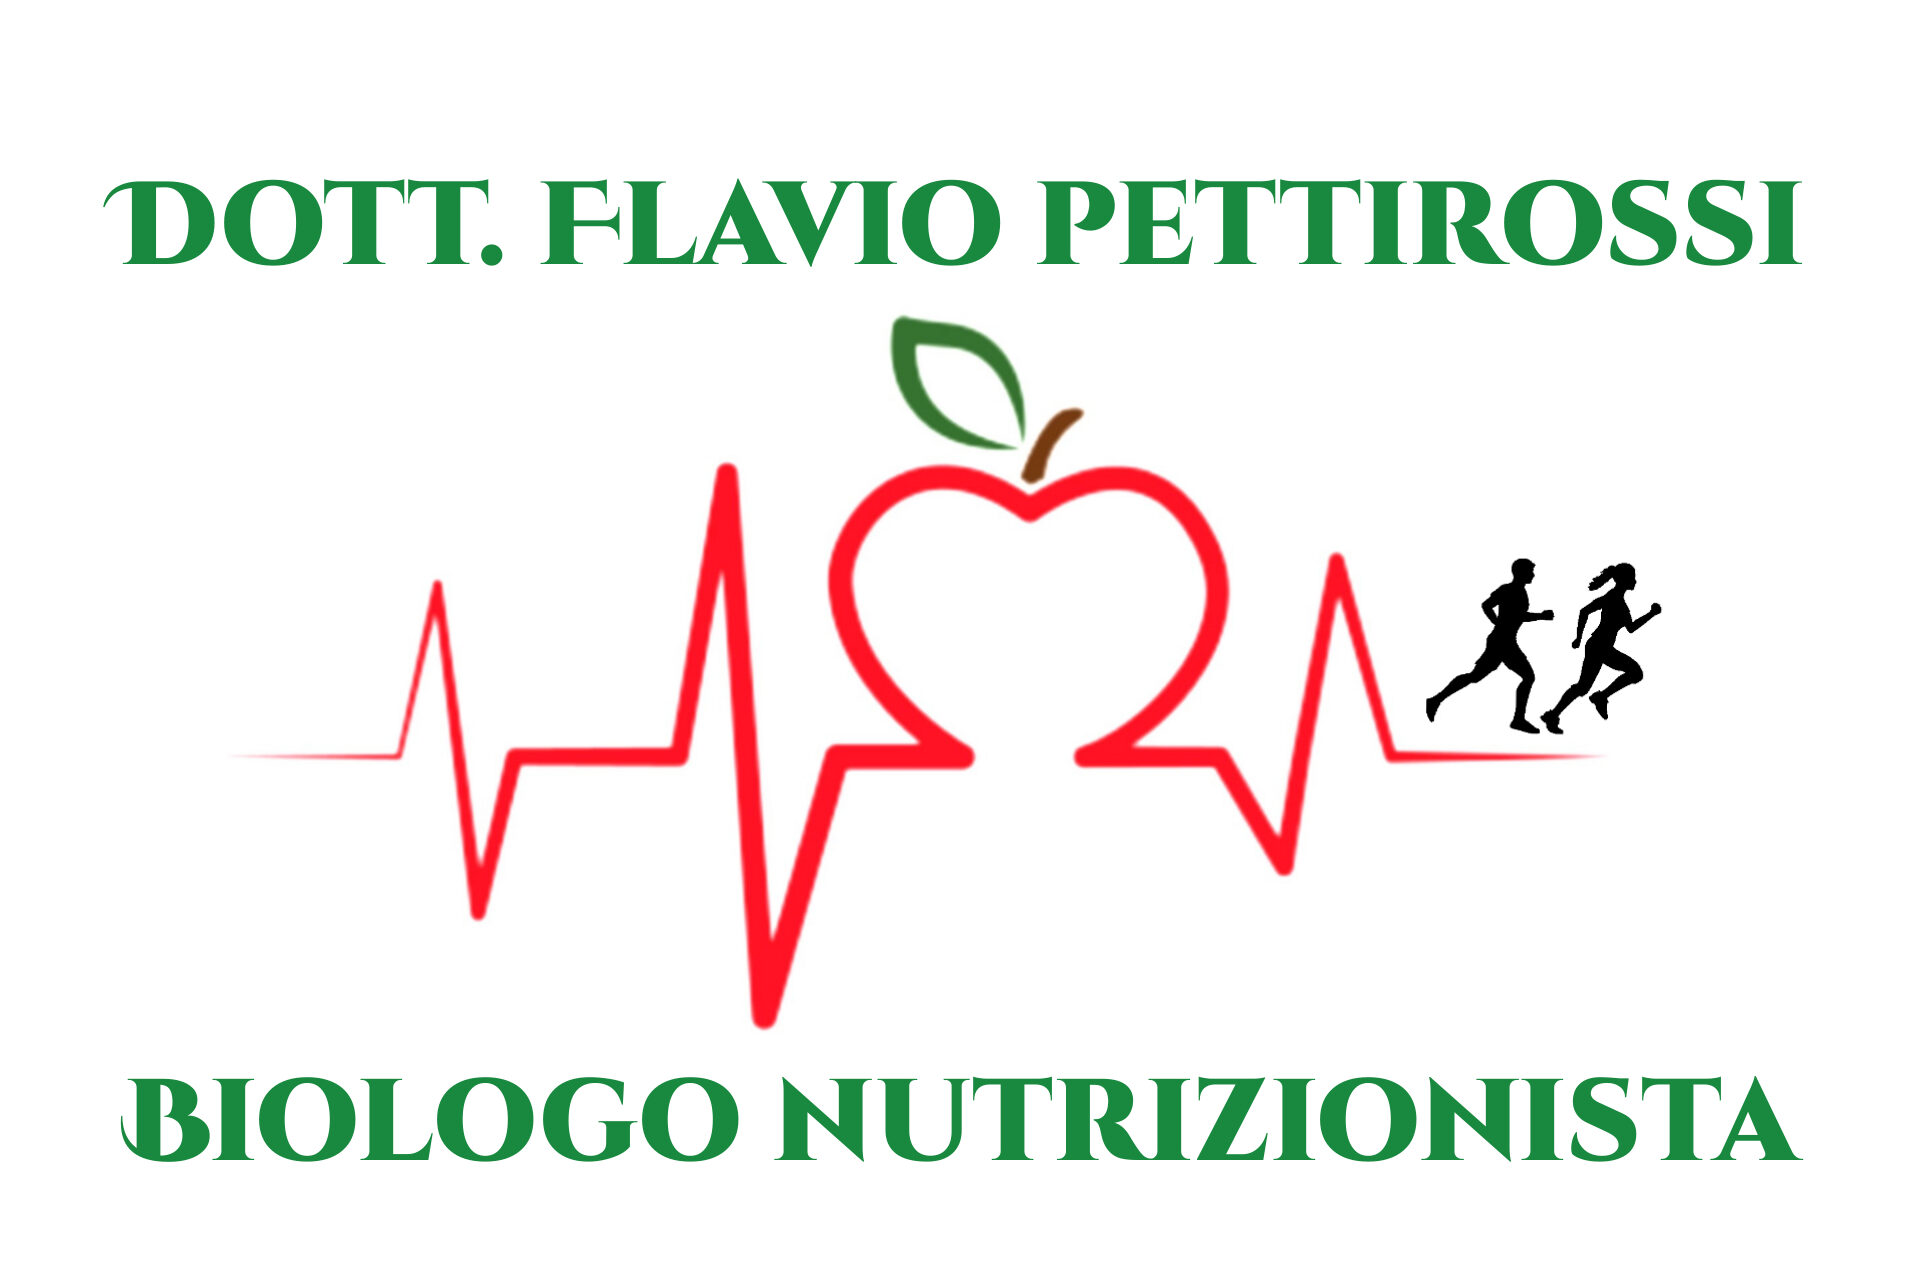 Flavio Pettirossi Biologo nutrizionista